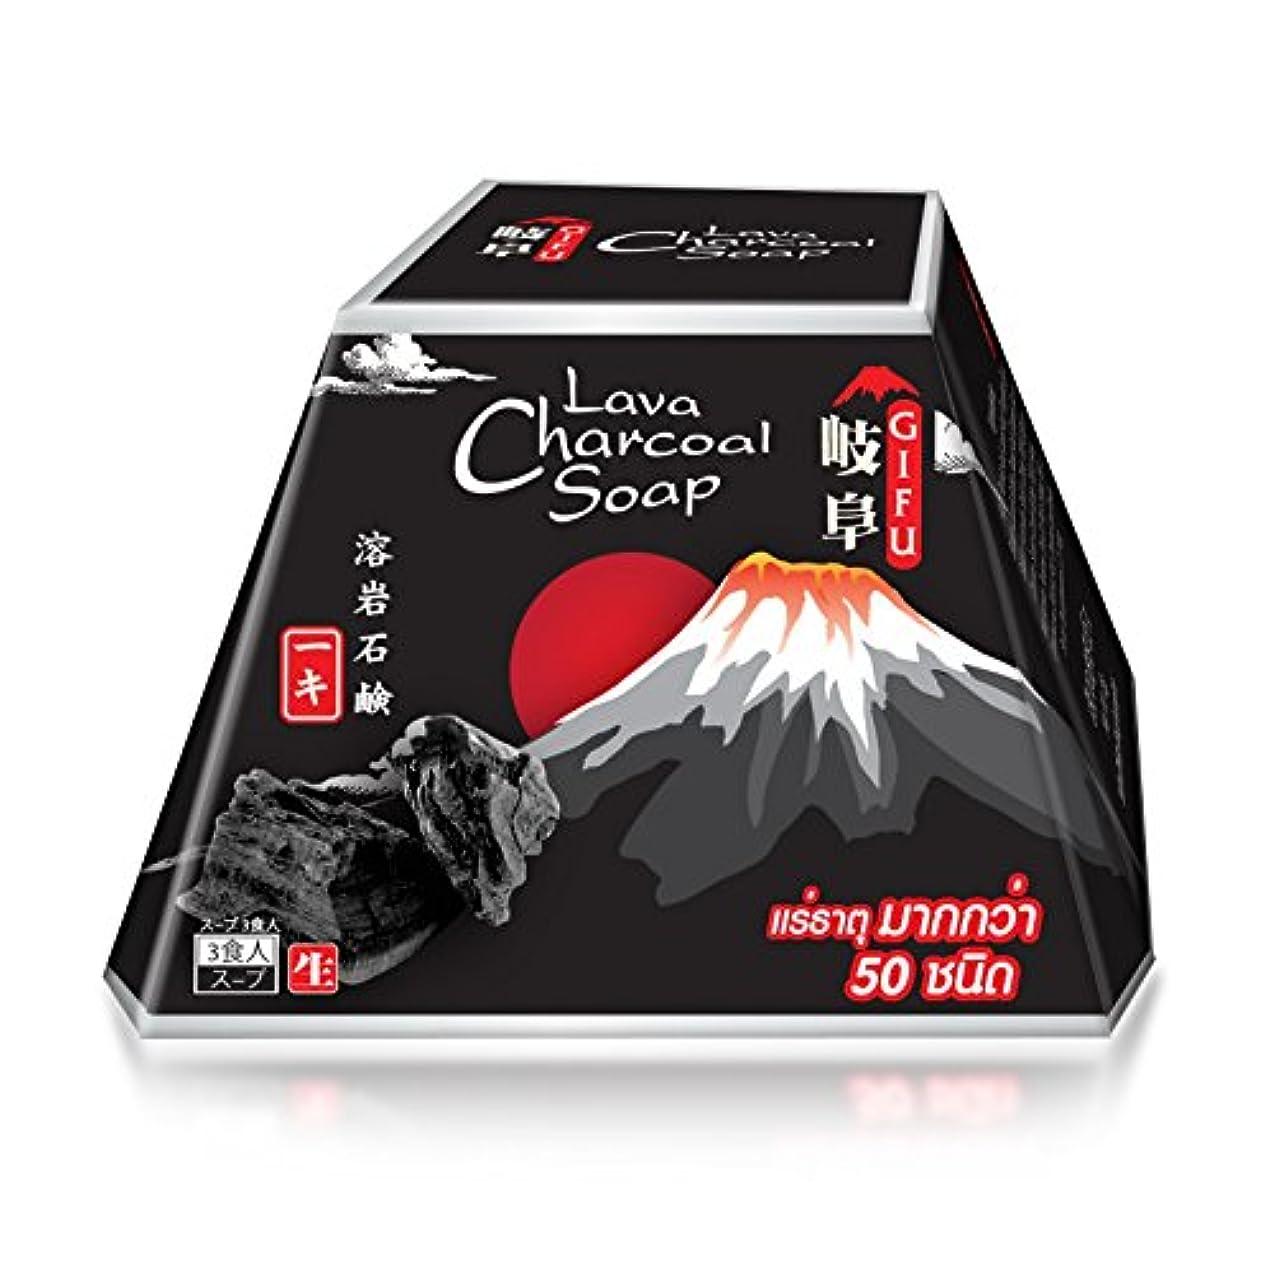 受け取る憧れ窓OKI GIFU Lava Charcoal Soap 70g 溶岩炭石鹸 日本の溶岩